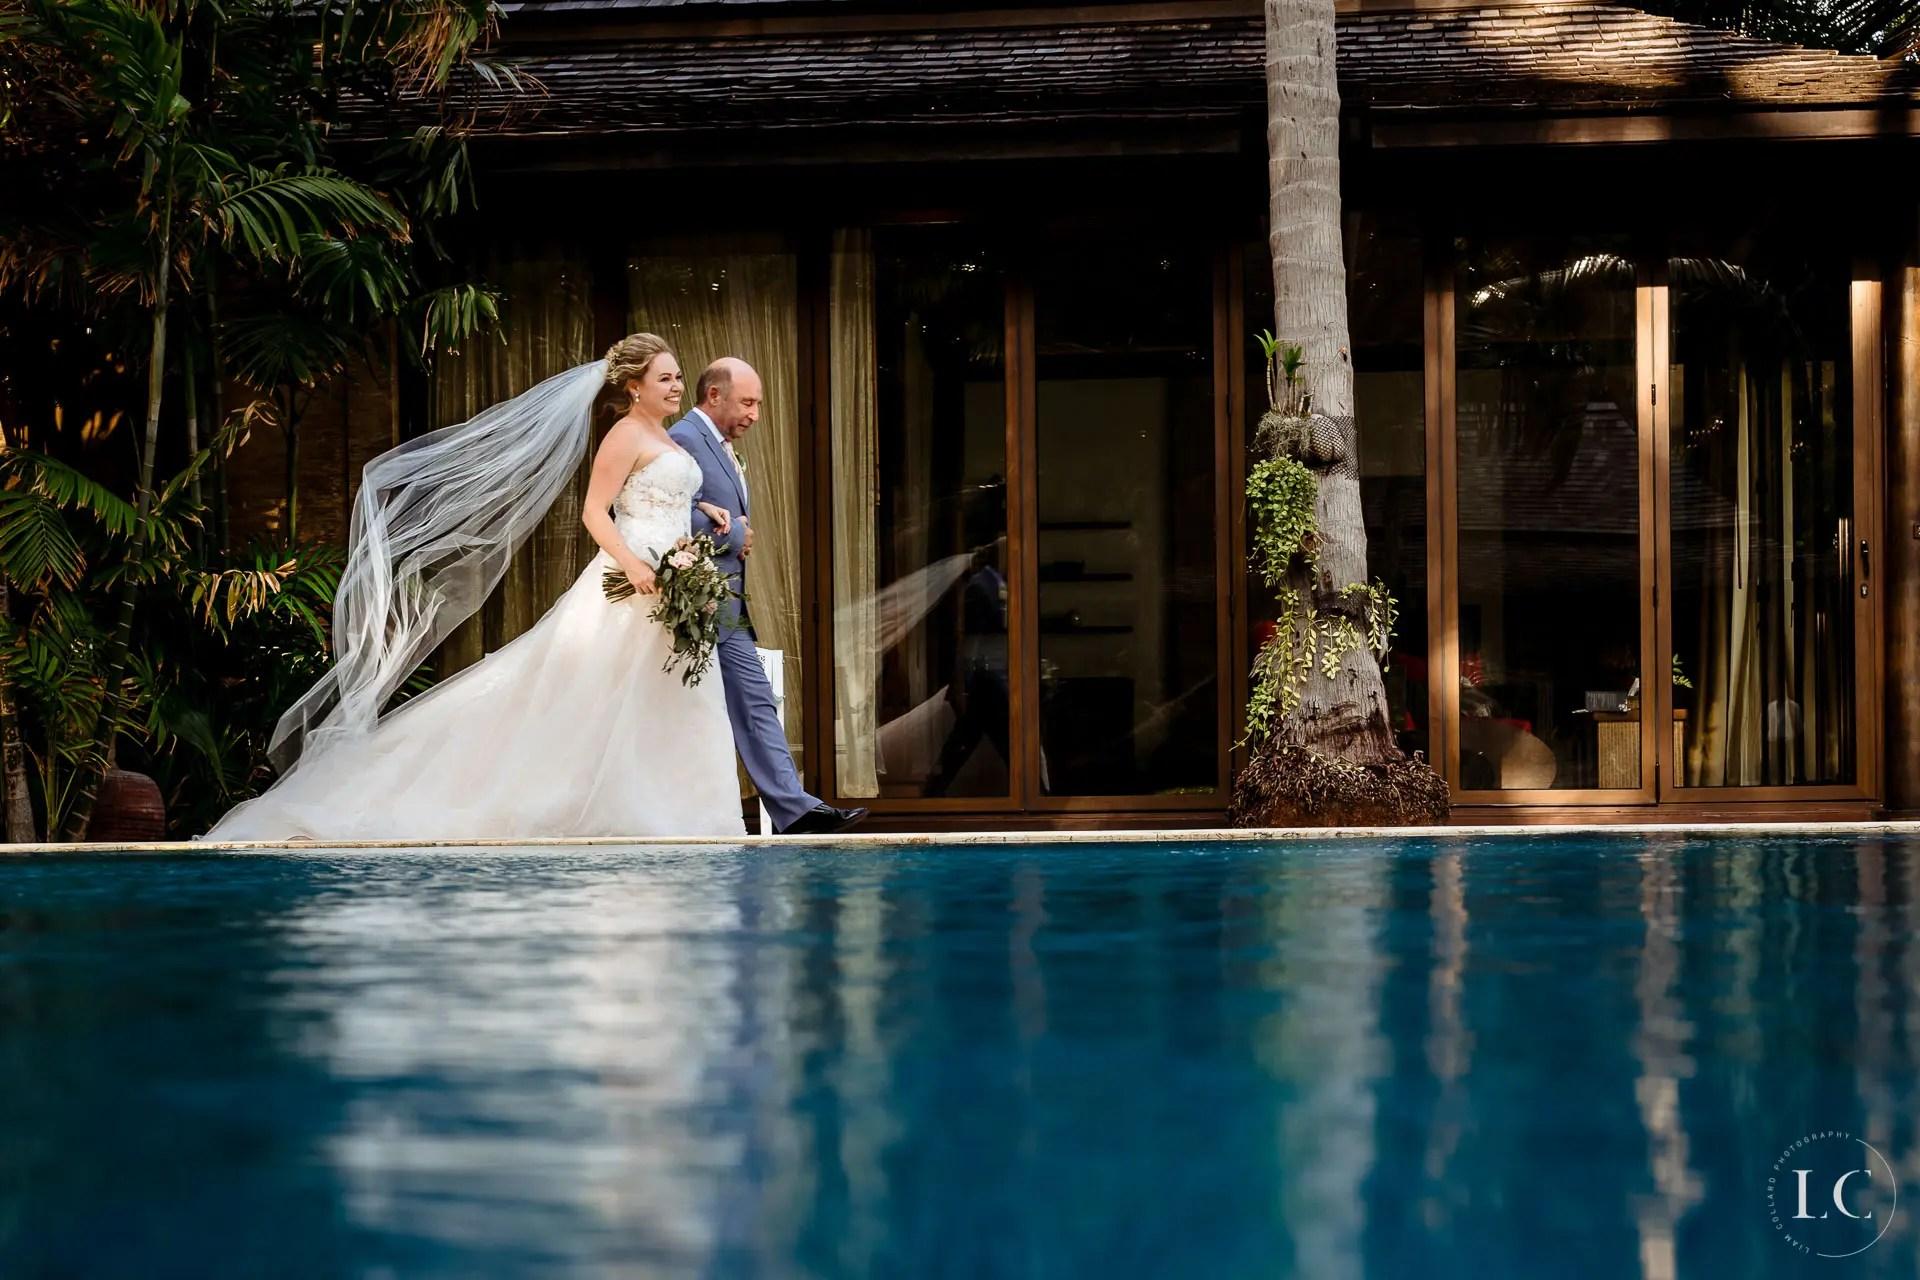 Bride and groom walking beside pool